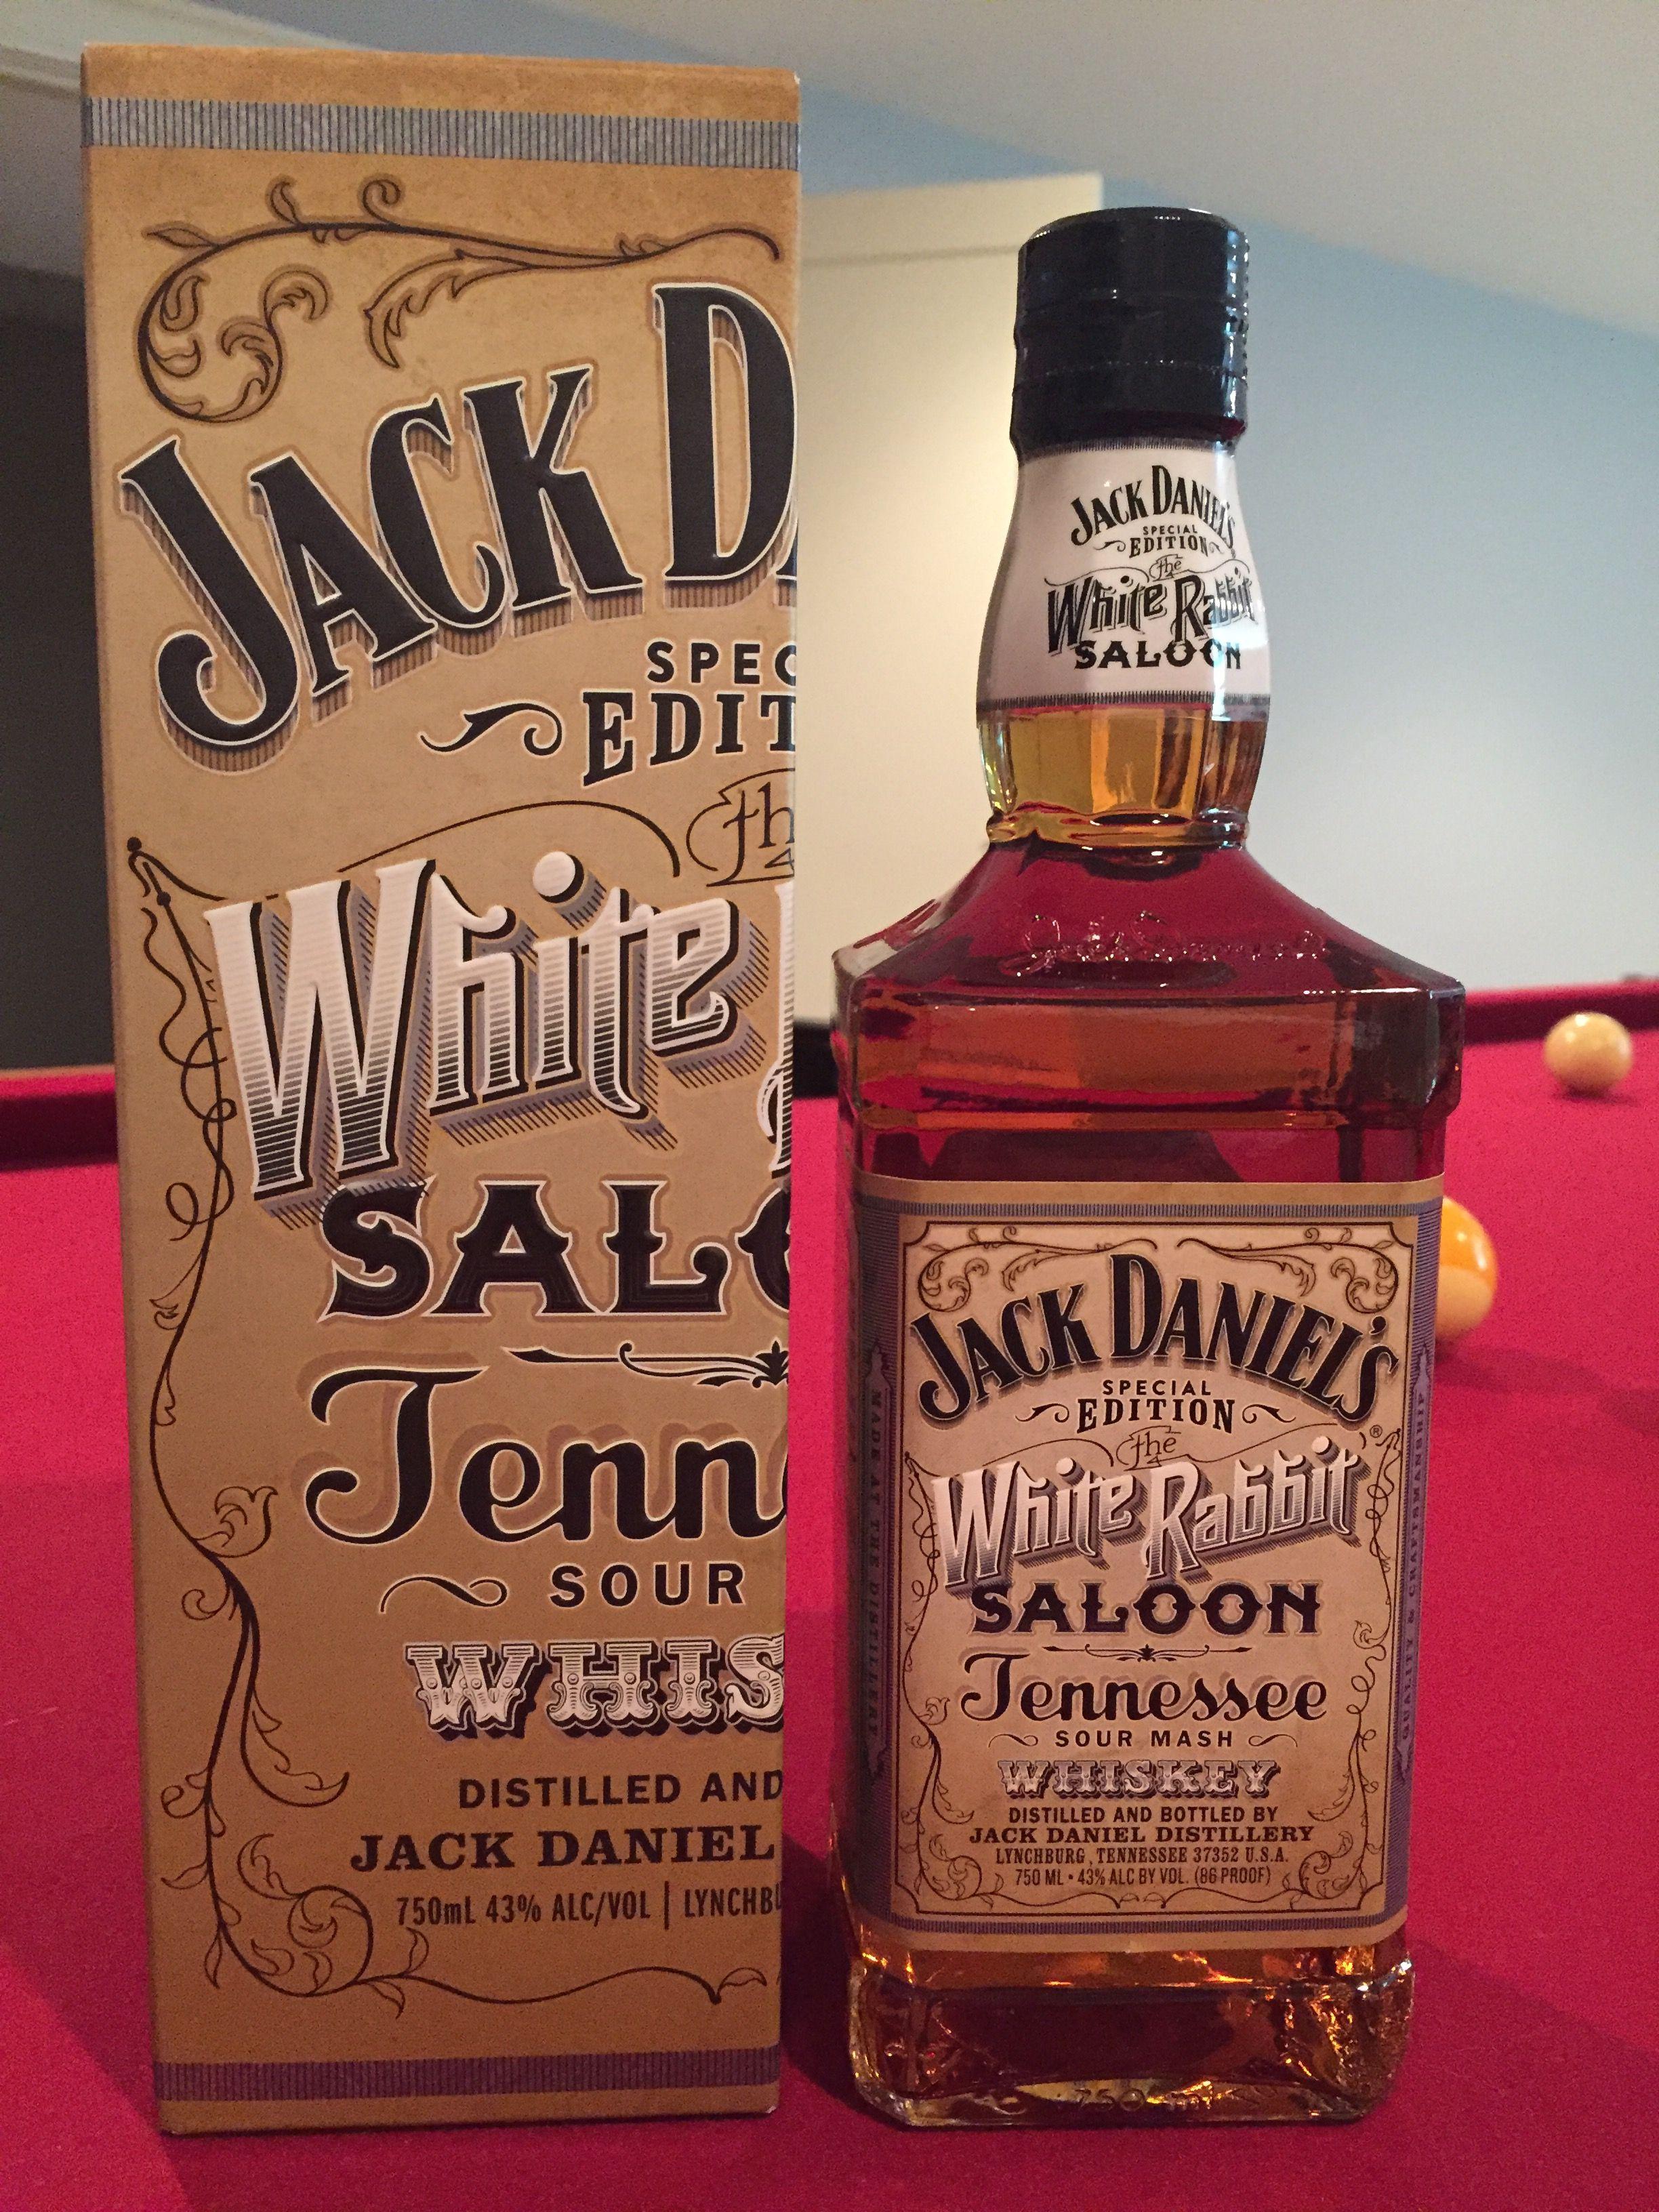 Pin By Bryant Ensman On Jack Daniels Jack Daniels Bottle Jack Daniels Jack Daniels Whiskey Bottle